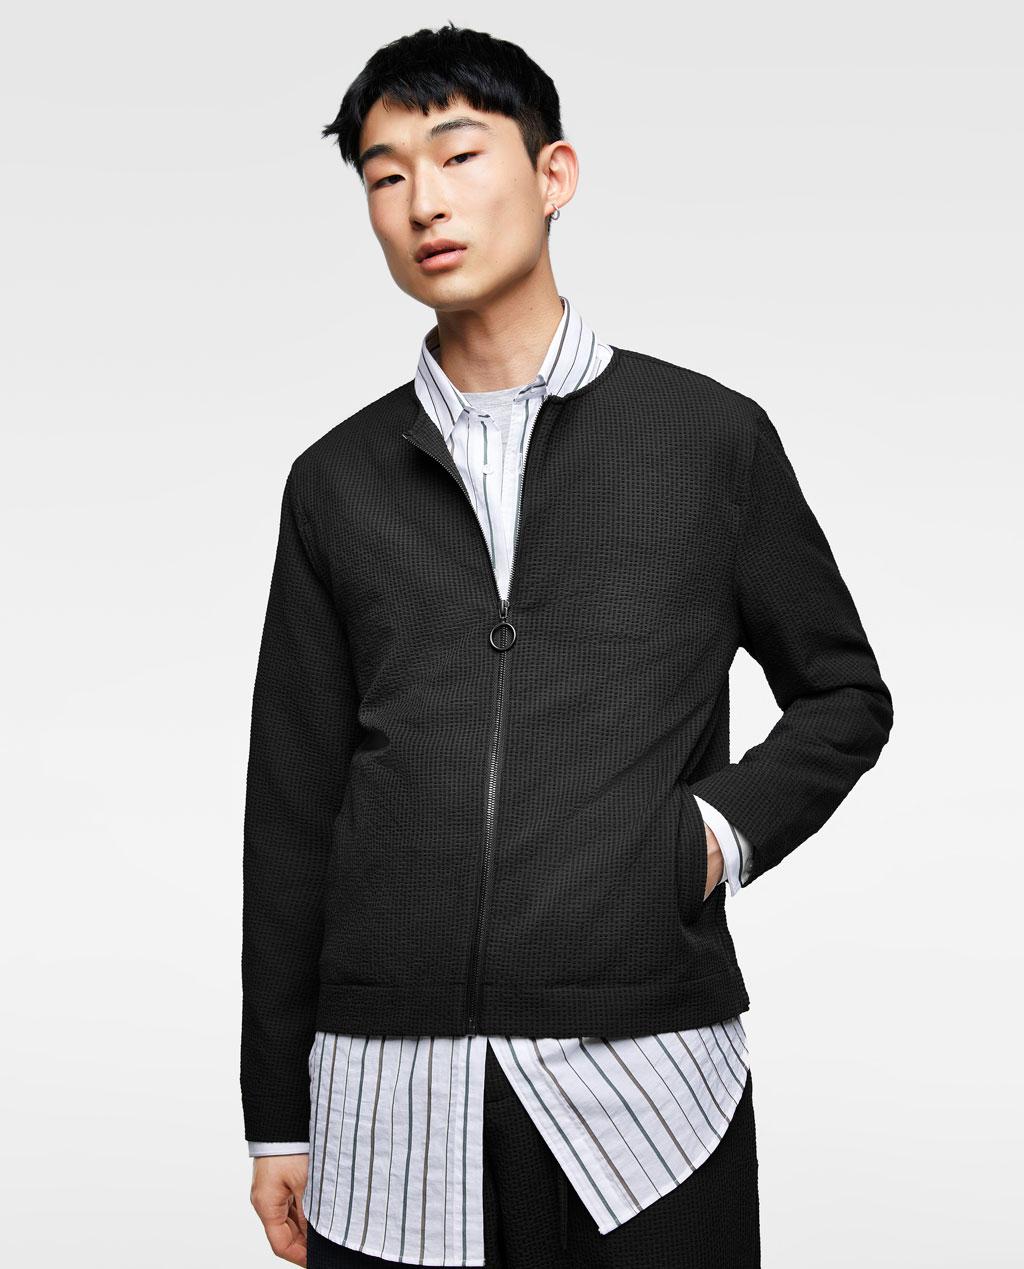 Thời trang nam Zara  24084 - ảnh 4